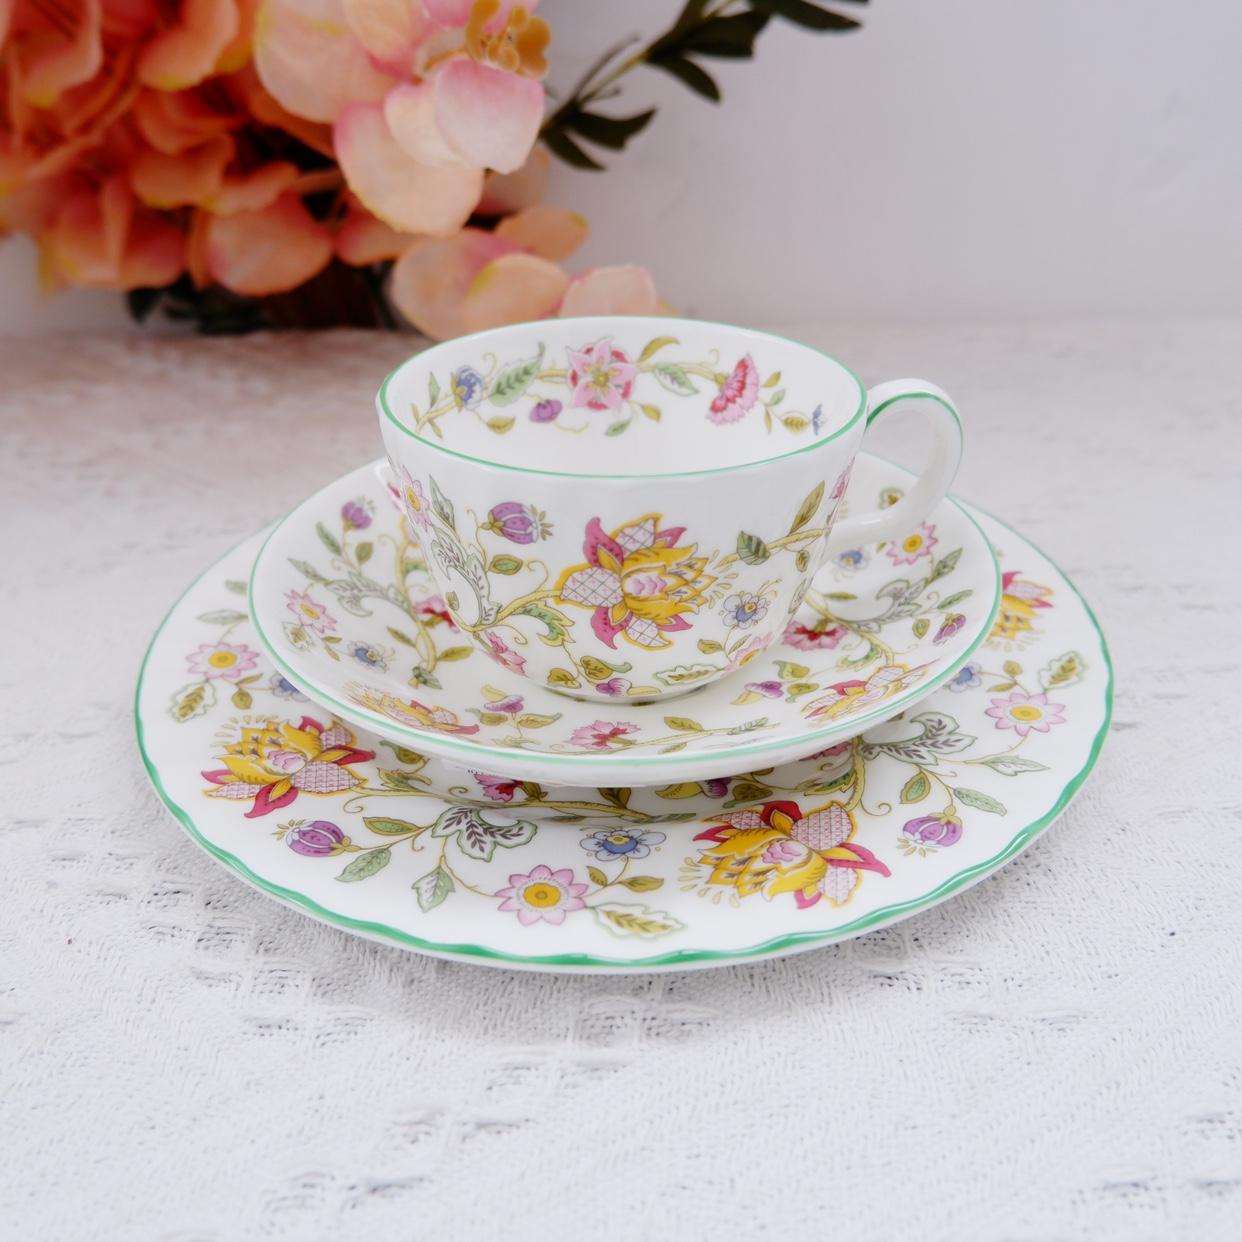 现货英国Minton明顿HADDON HALL花卉骨瓷咖啡杯茶杯马克杯点心盘